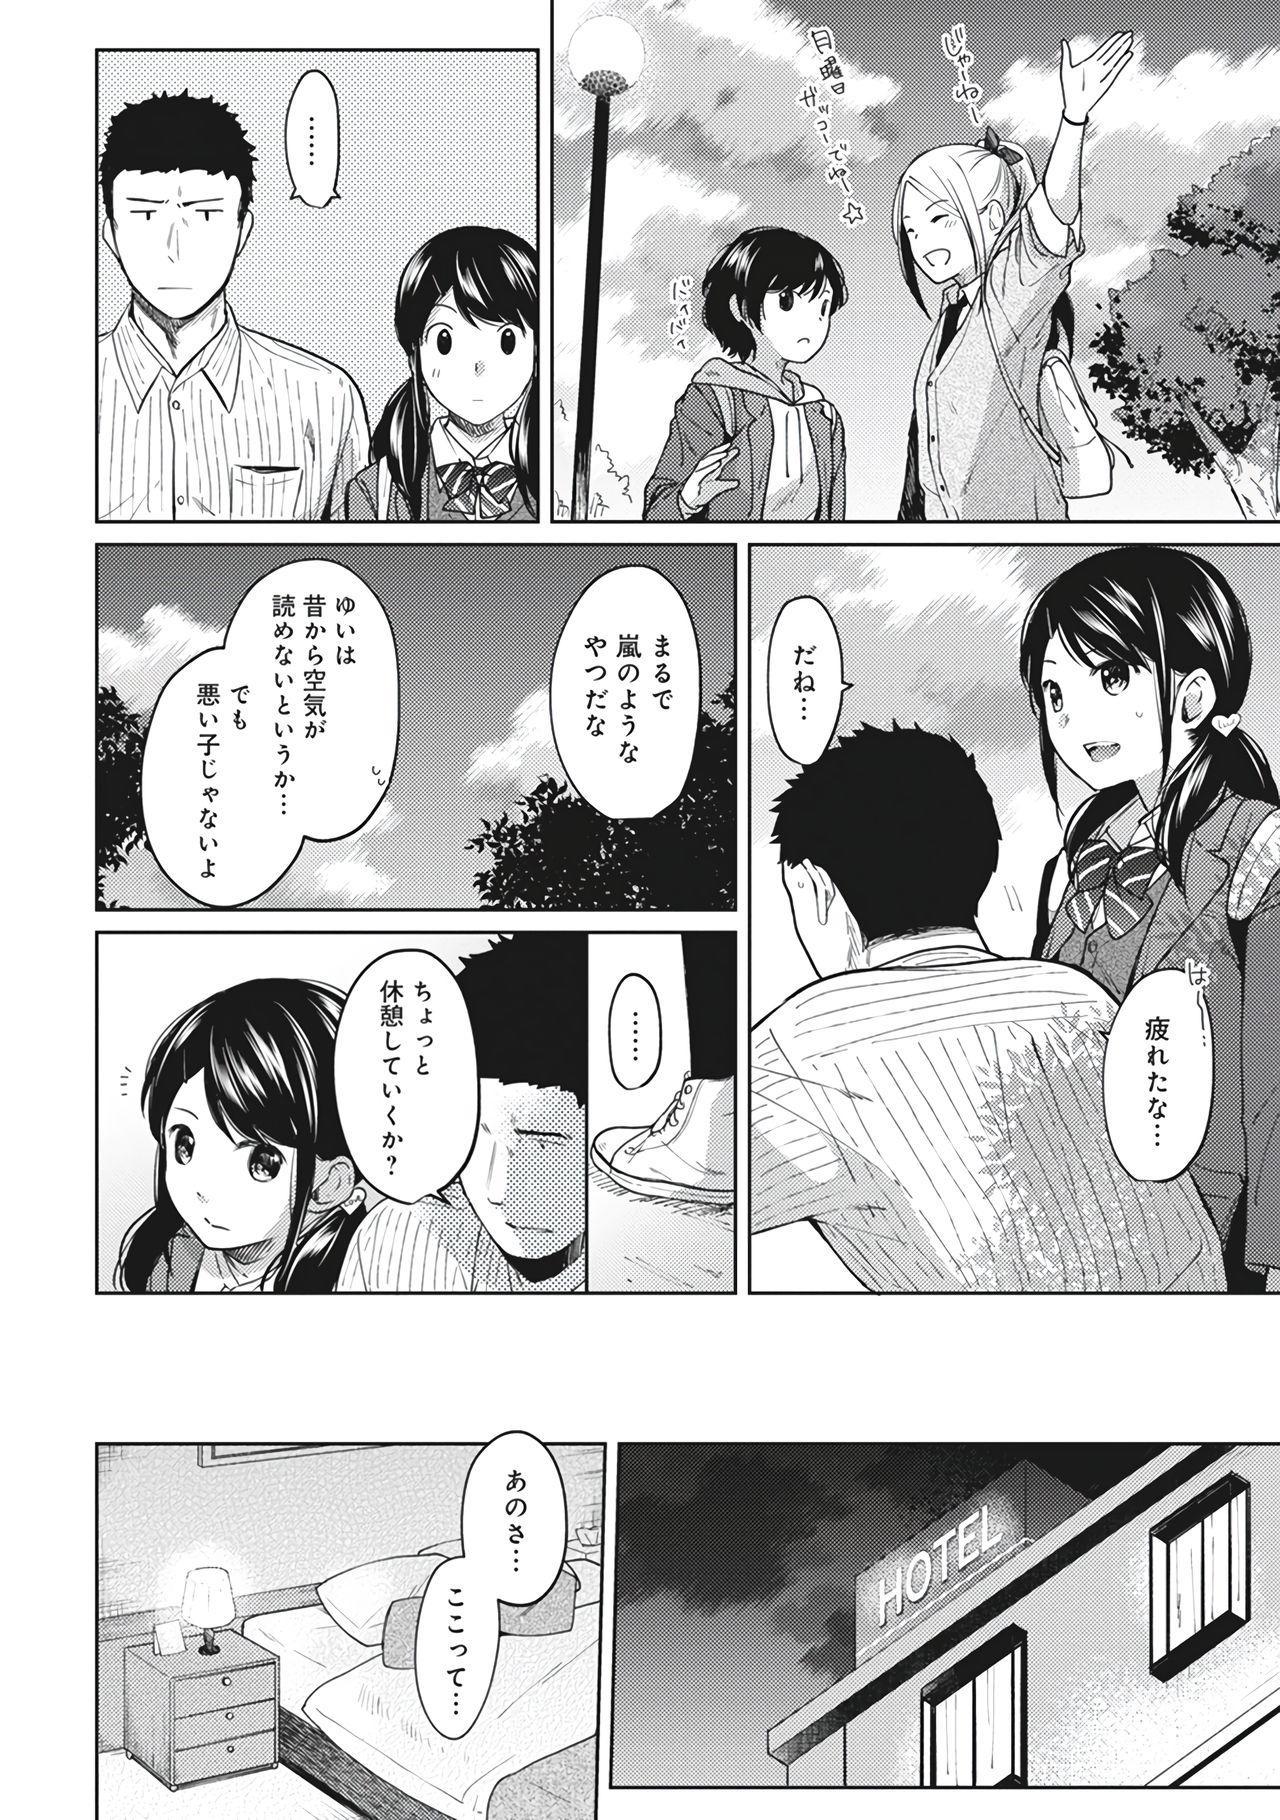 1LDK+JK Ikinari Doukyo? Micchaku!? Hatsu Ecchi!!? Vol.2 13